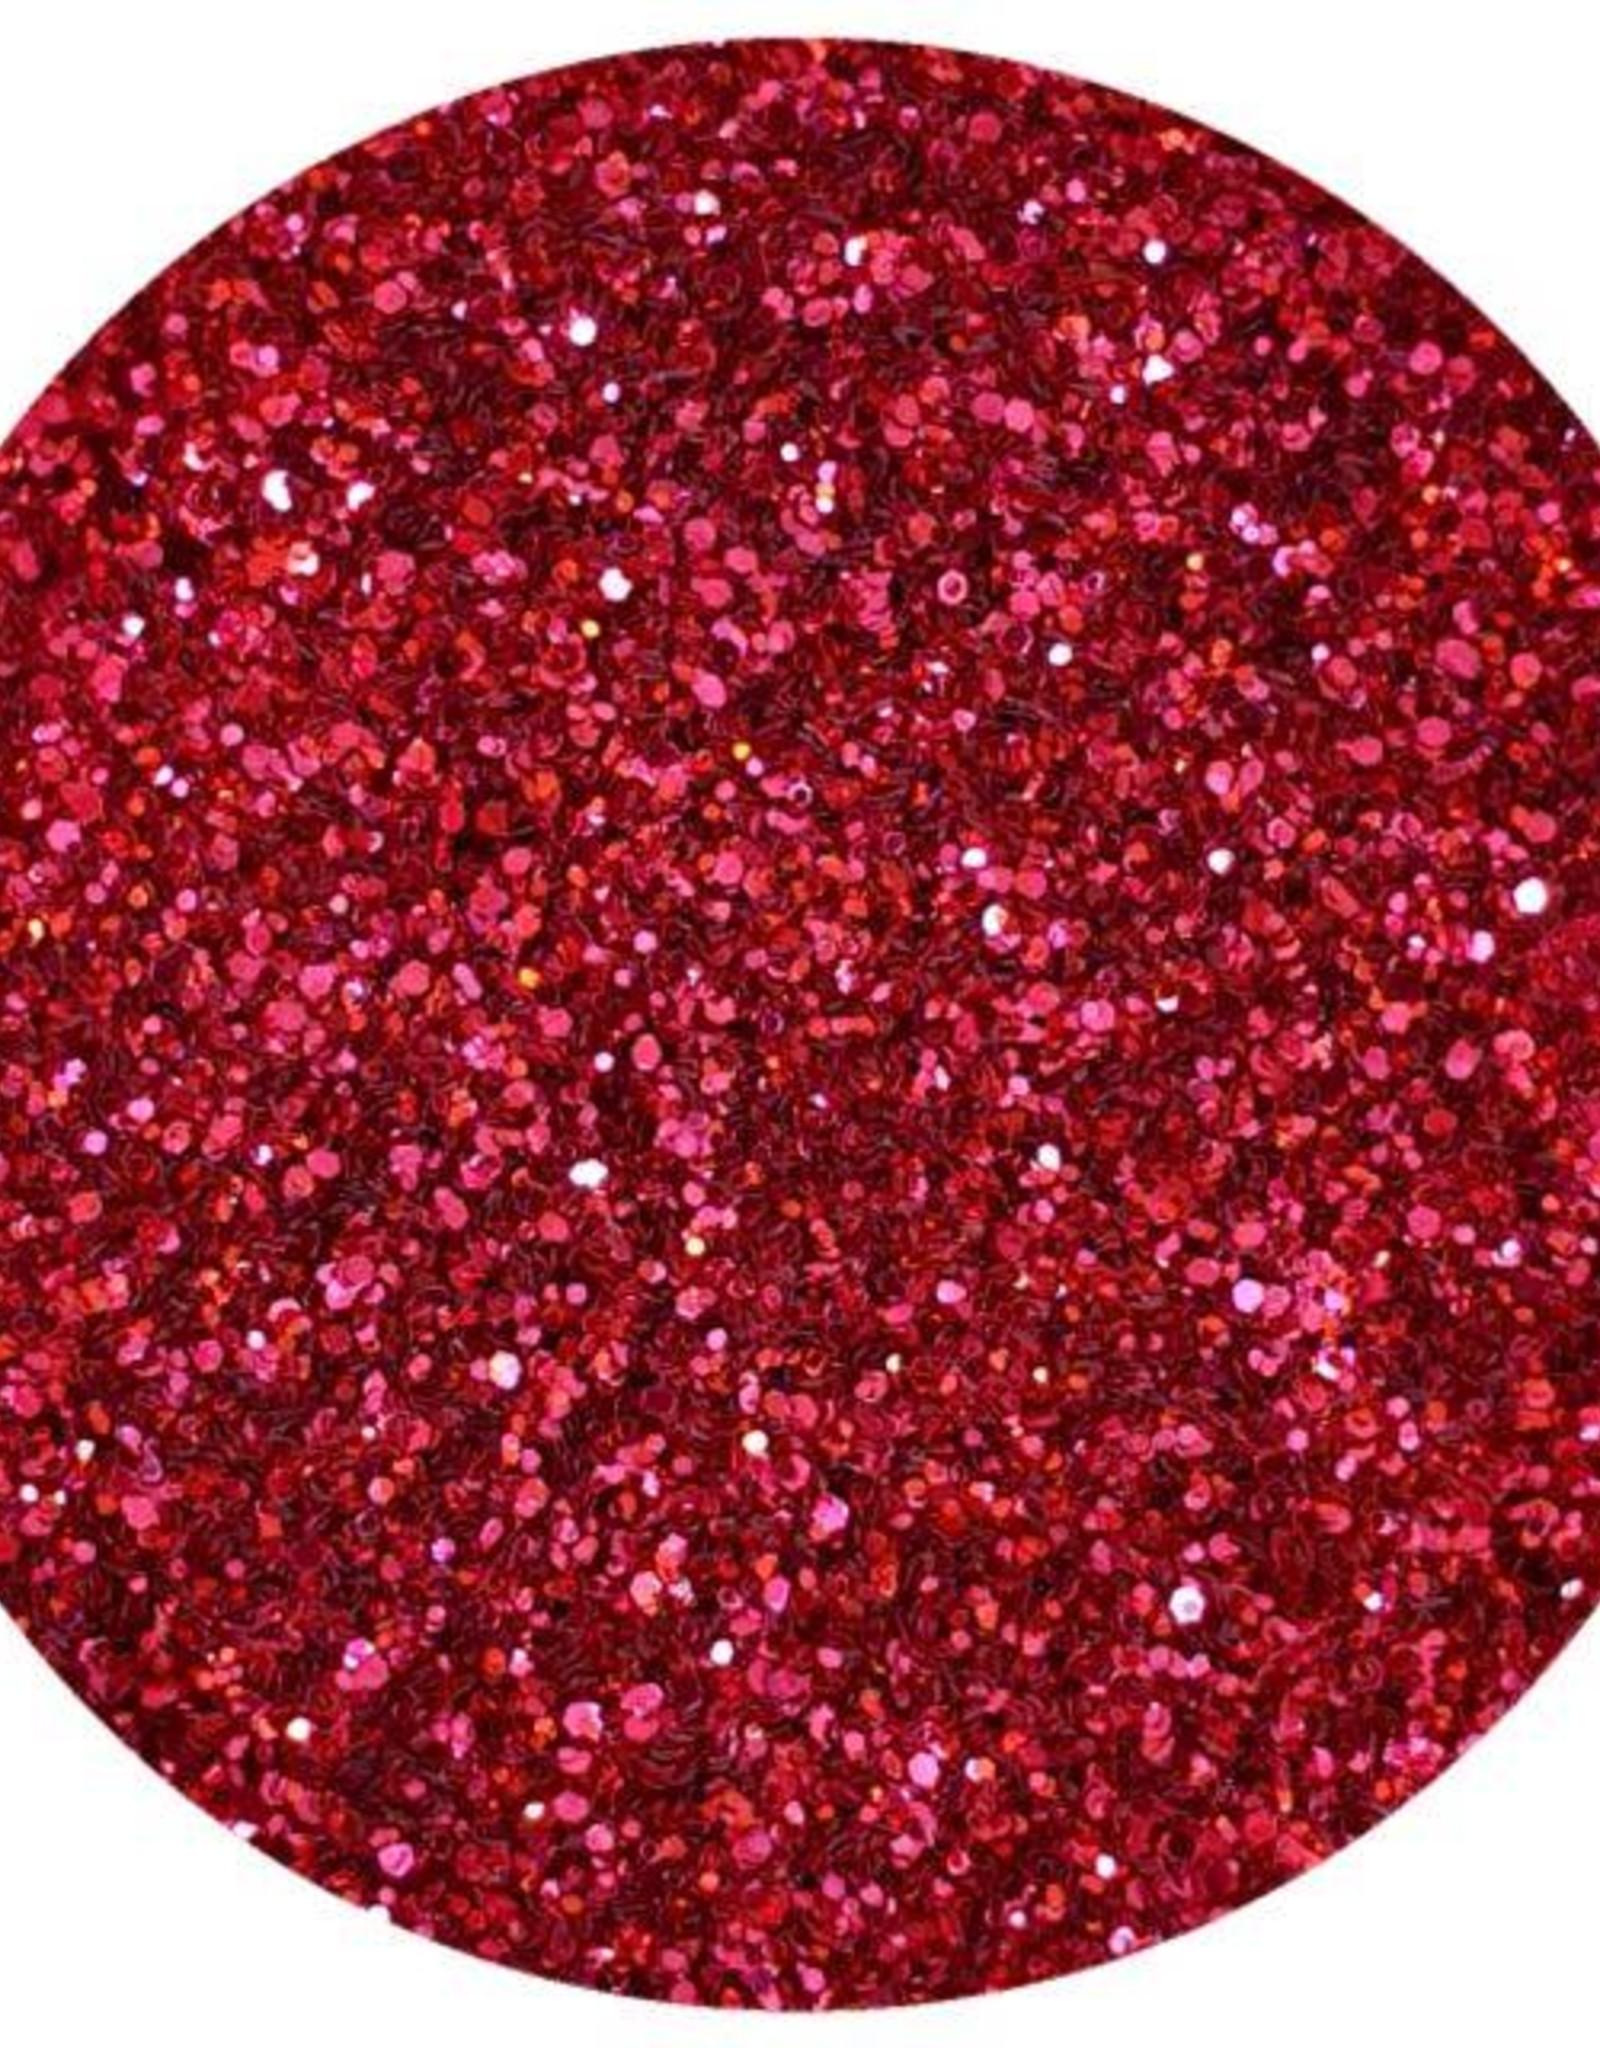 Glittermix First Date by Solin